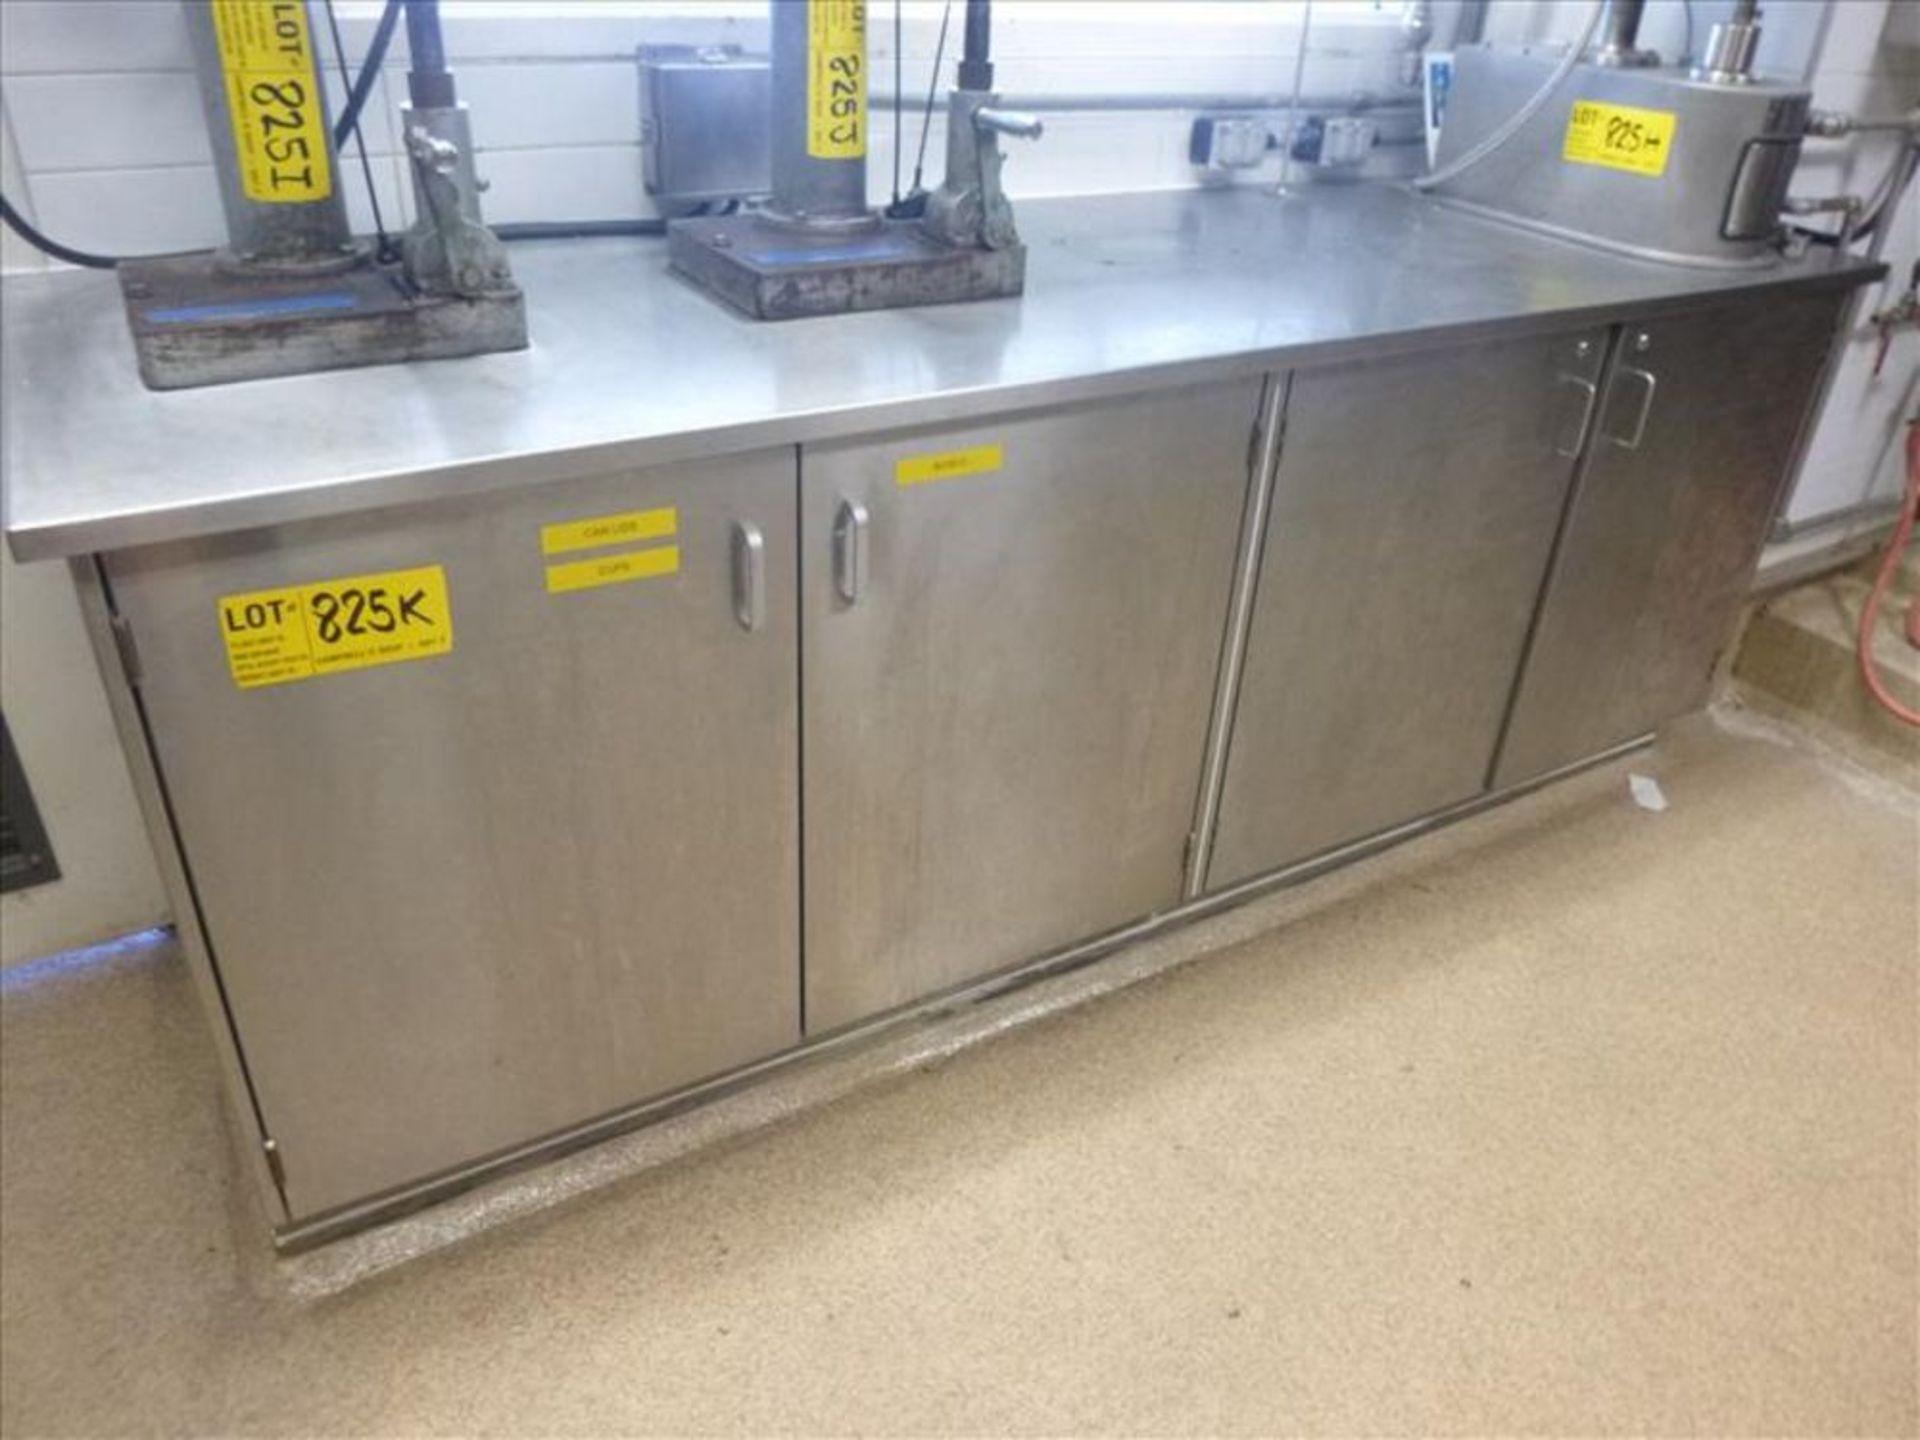 Lot 825K - s/s cabinet (2nd Floor, Test Kitchen)